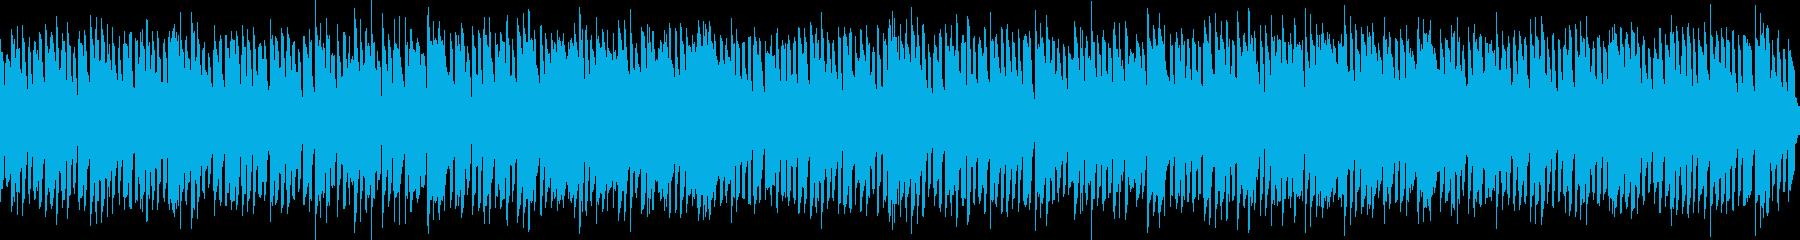 ほのぼのしたリコーダーとピアノのBGMの再生済みの波形